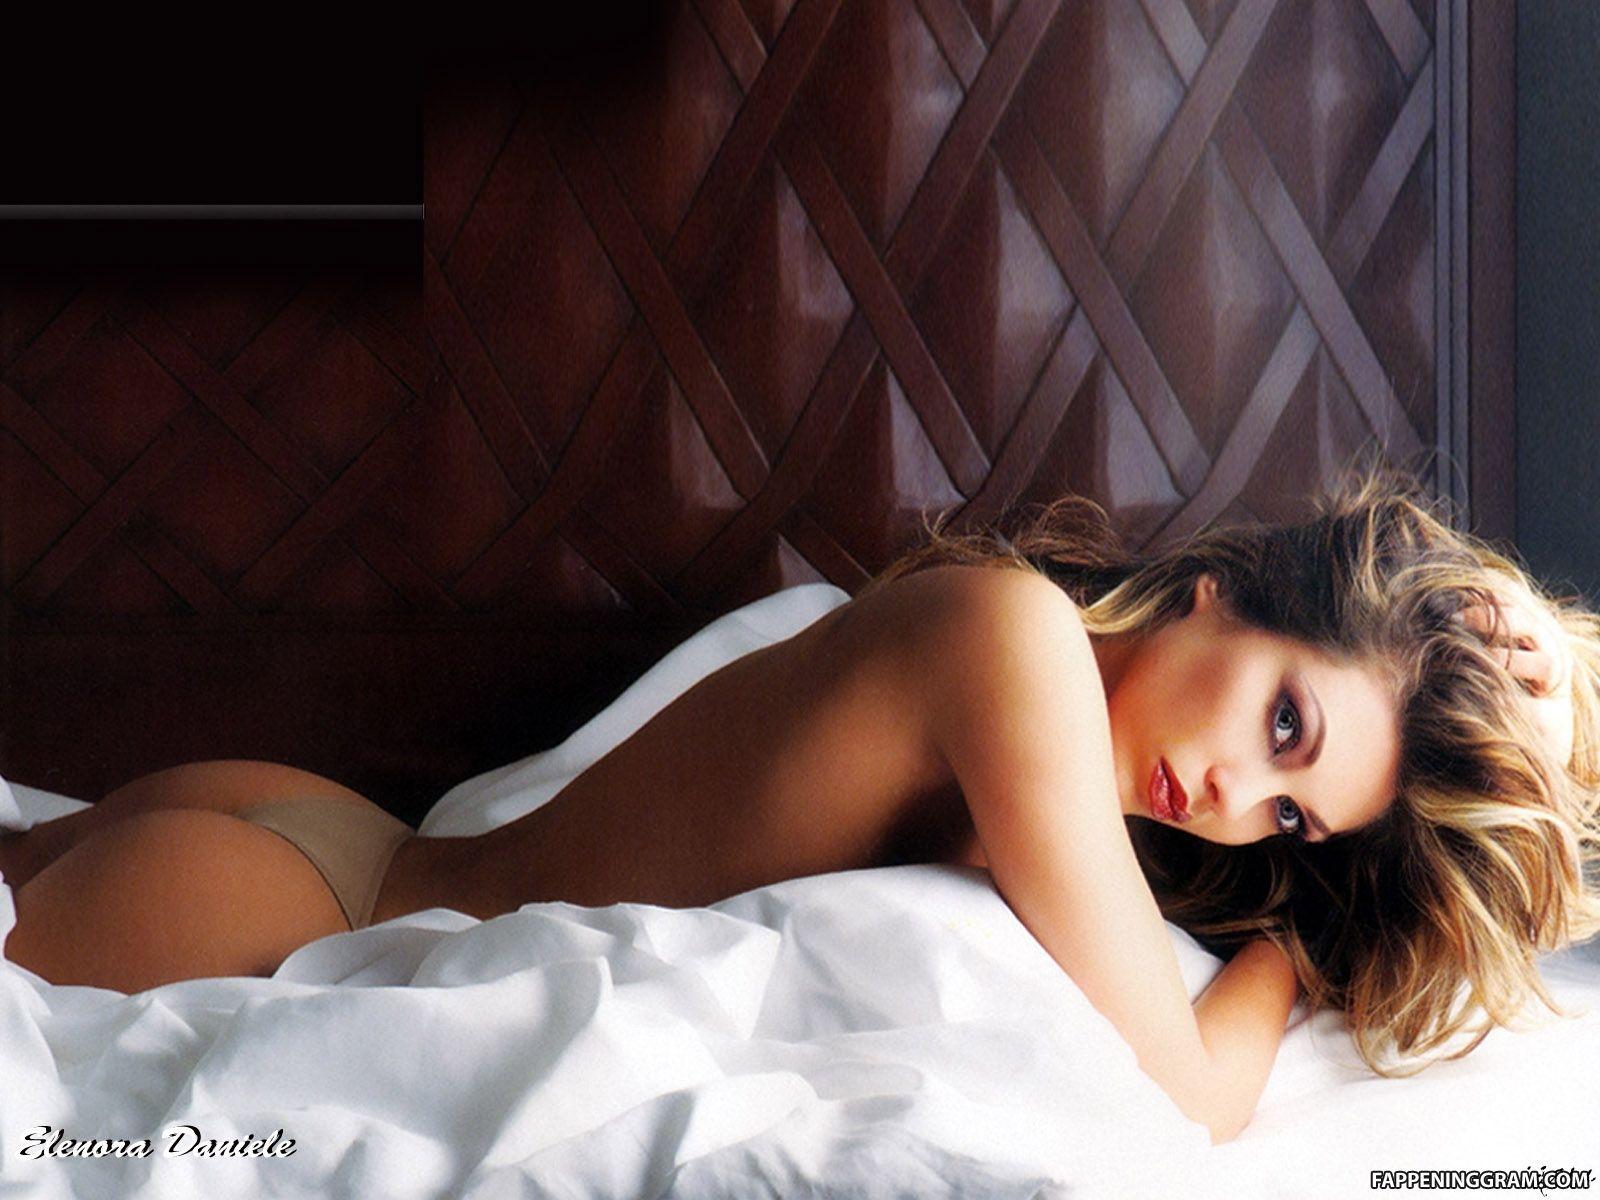 Shirin soraya nude